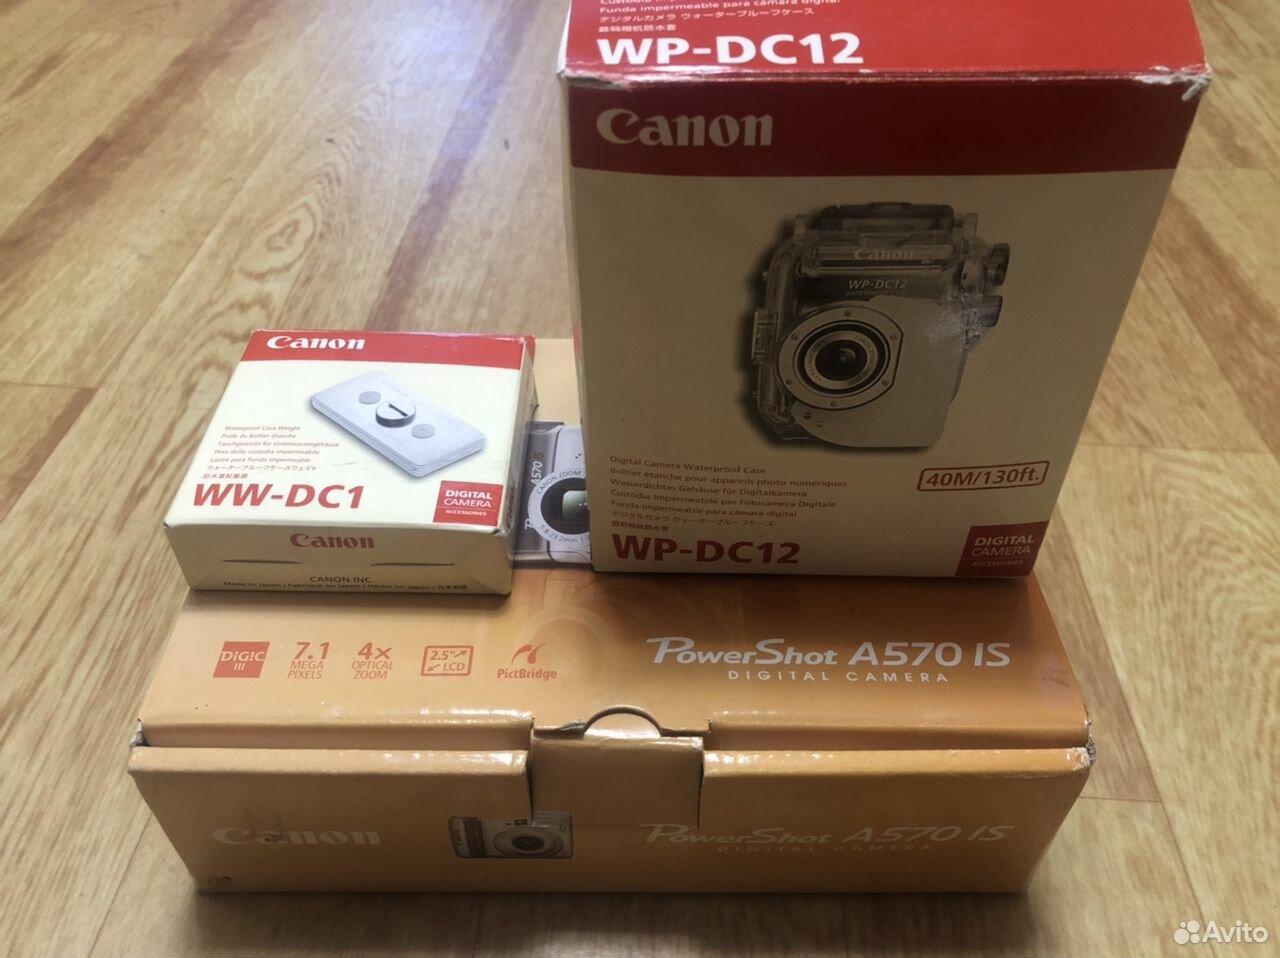 Фотоаппарат canon A570is с боксом для подводной сь 89143229991 купить 1